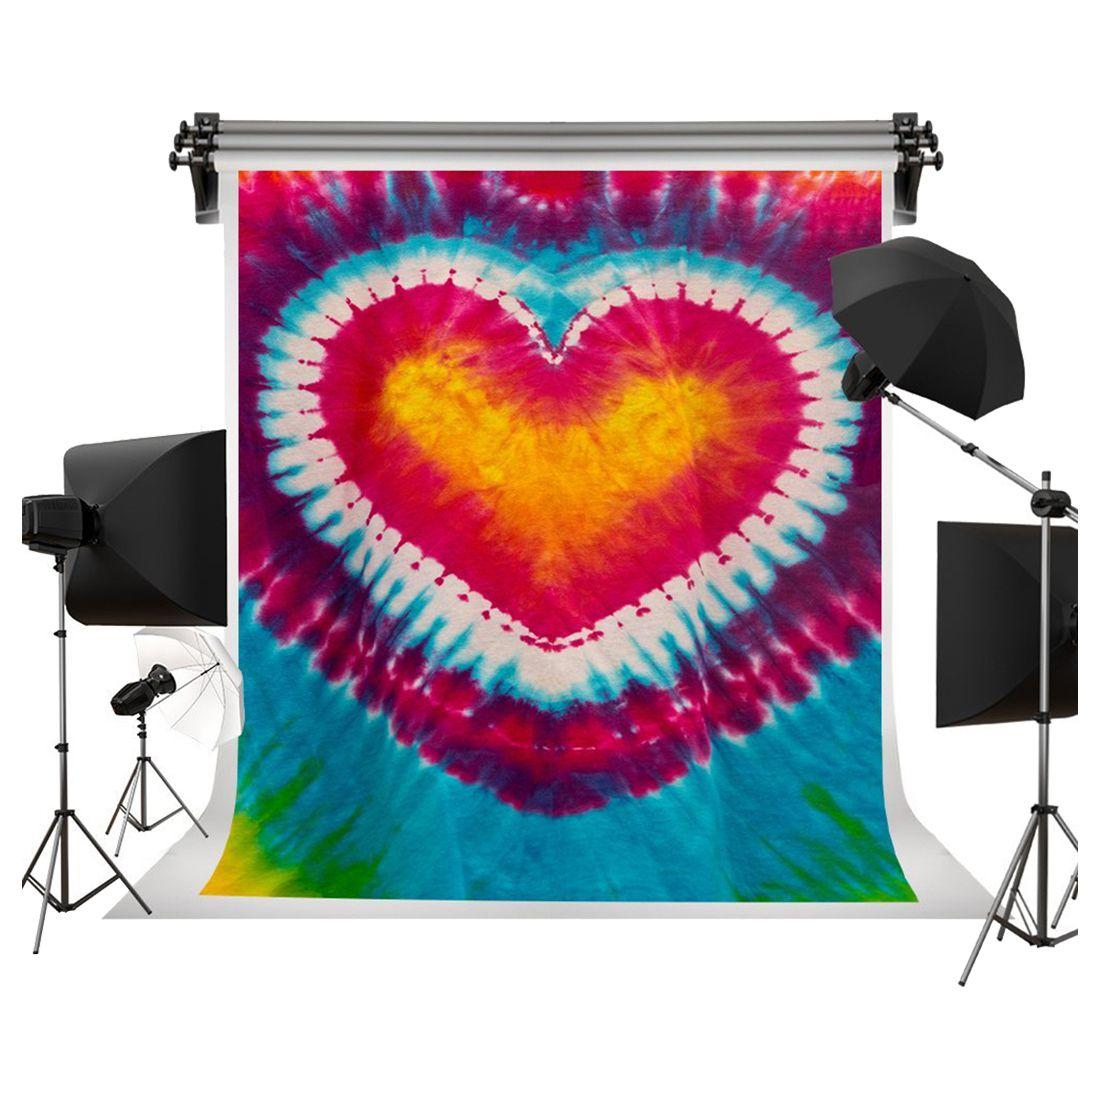 Топ предложения День Святого Валентина фонов сердце любовь Фоны для любителей фото фотографии для профессиональных фотостудия видео Pr